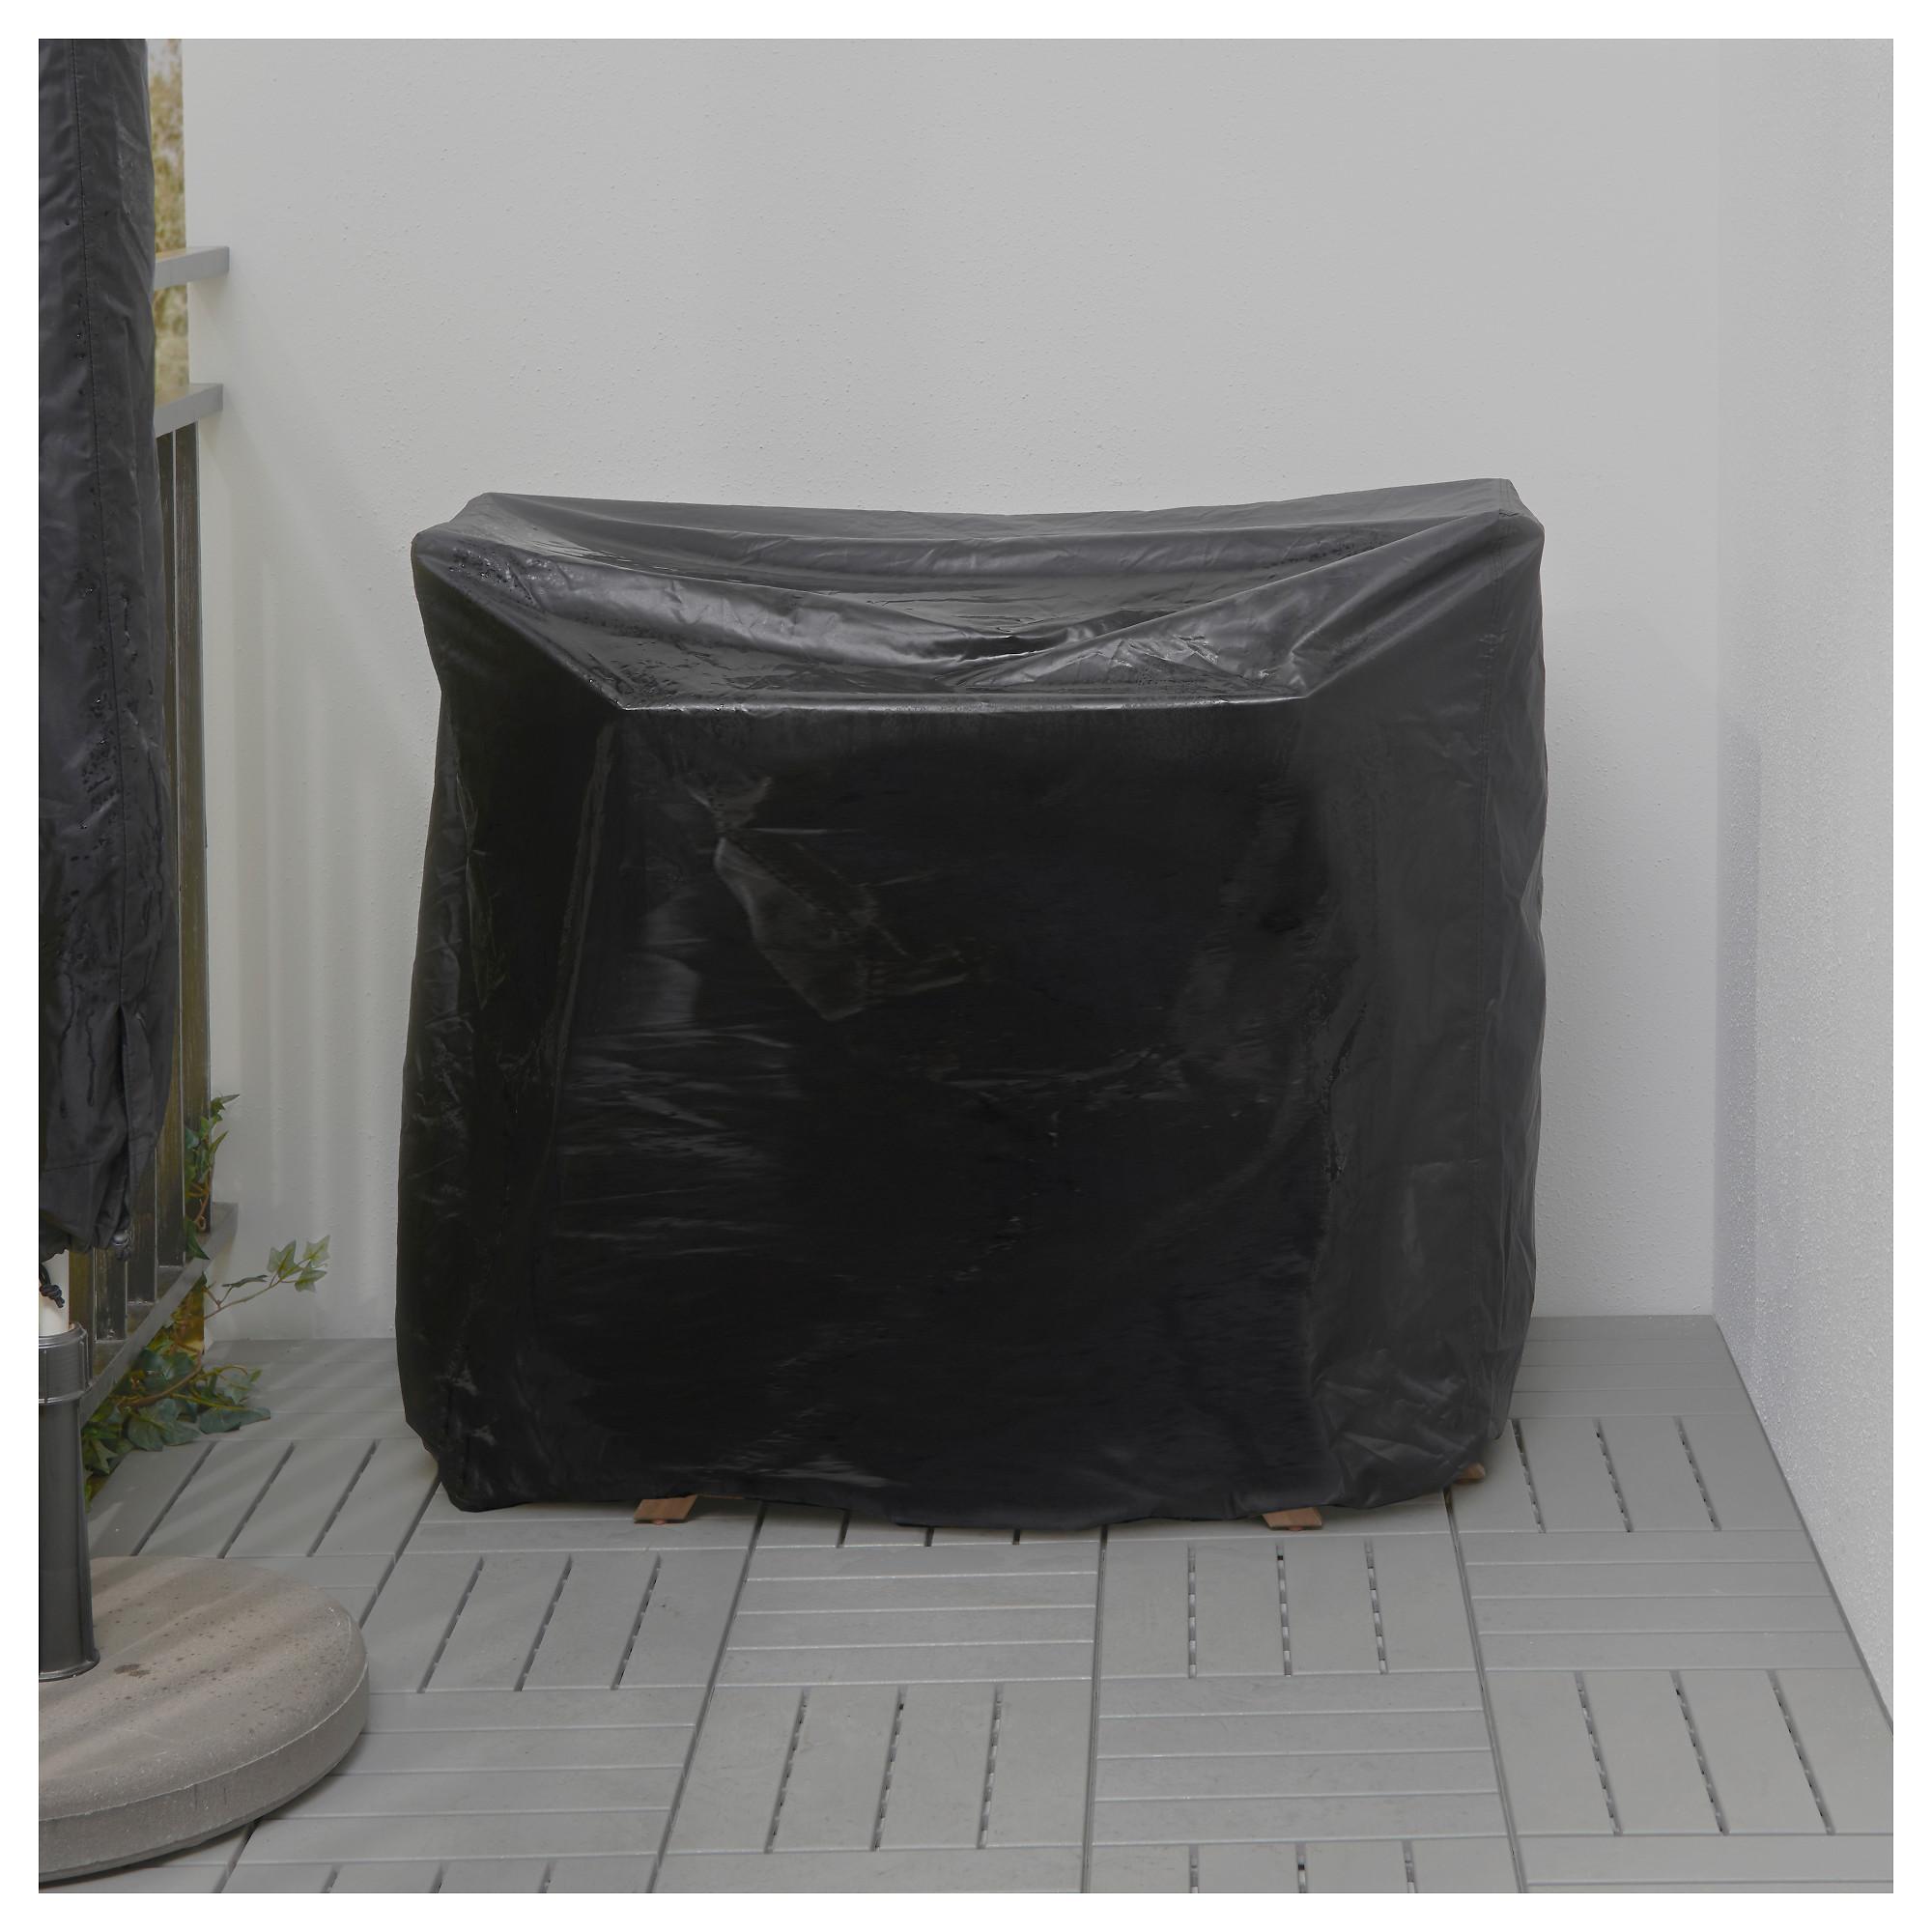 Стол + 2 складных стула для сада ЭПЛАРО синий артикуль № 592.289.25 в наличии. Online магазин ИКЕА Беларусь. Быстрая доставка и установка.